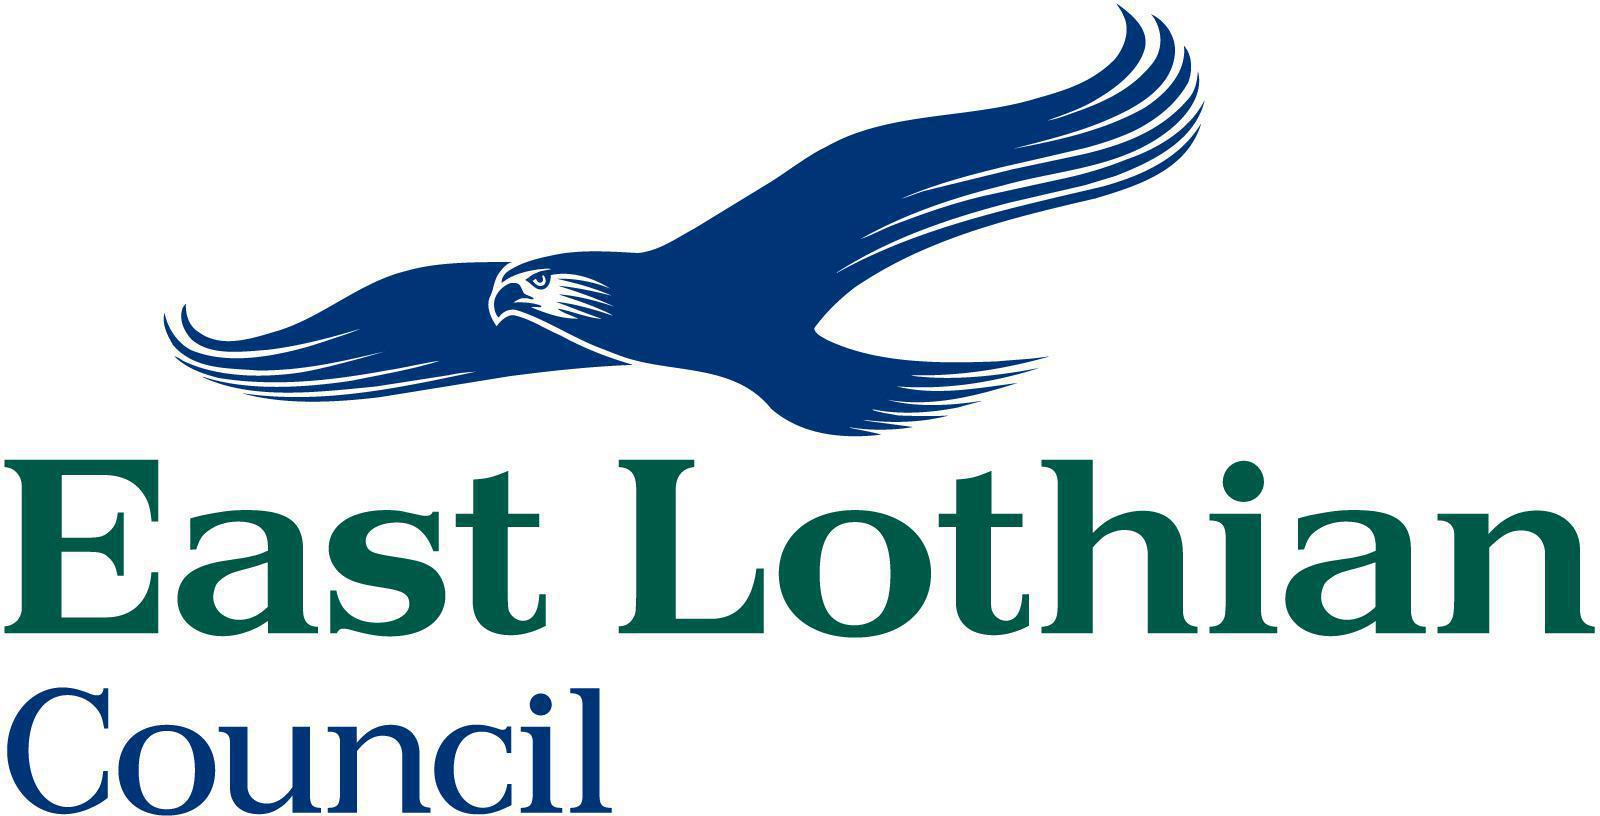 East Lothian Council - mygov.scot